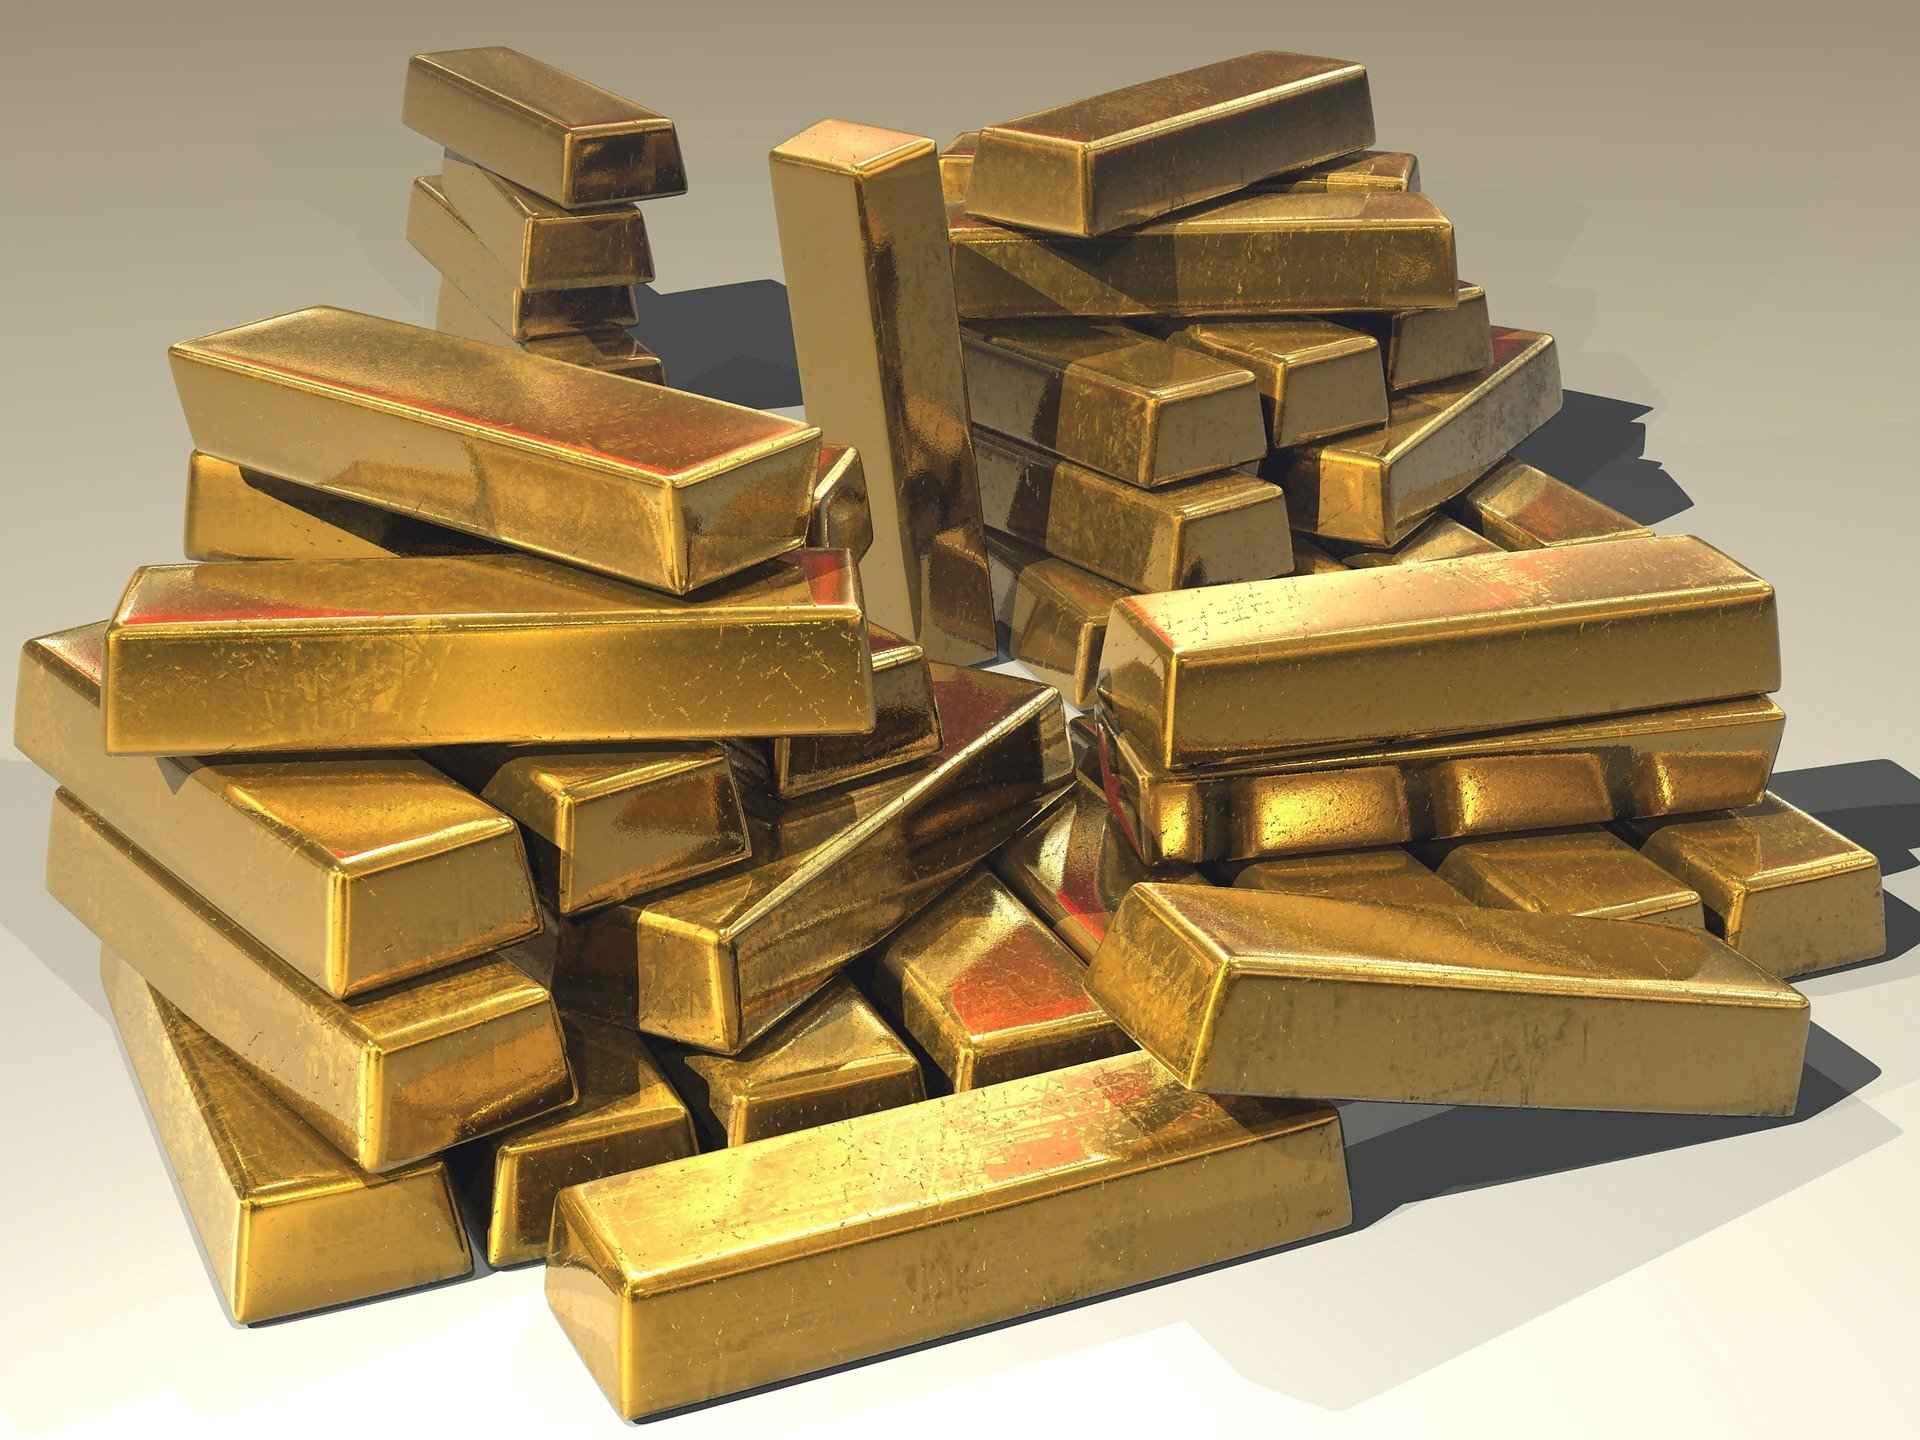 10 raisons d'investir dans l'or